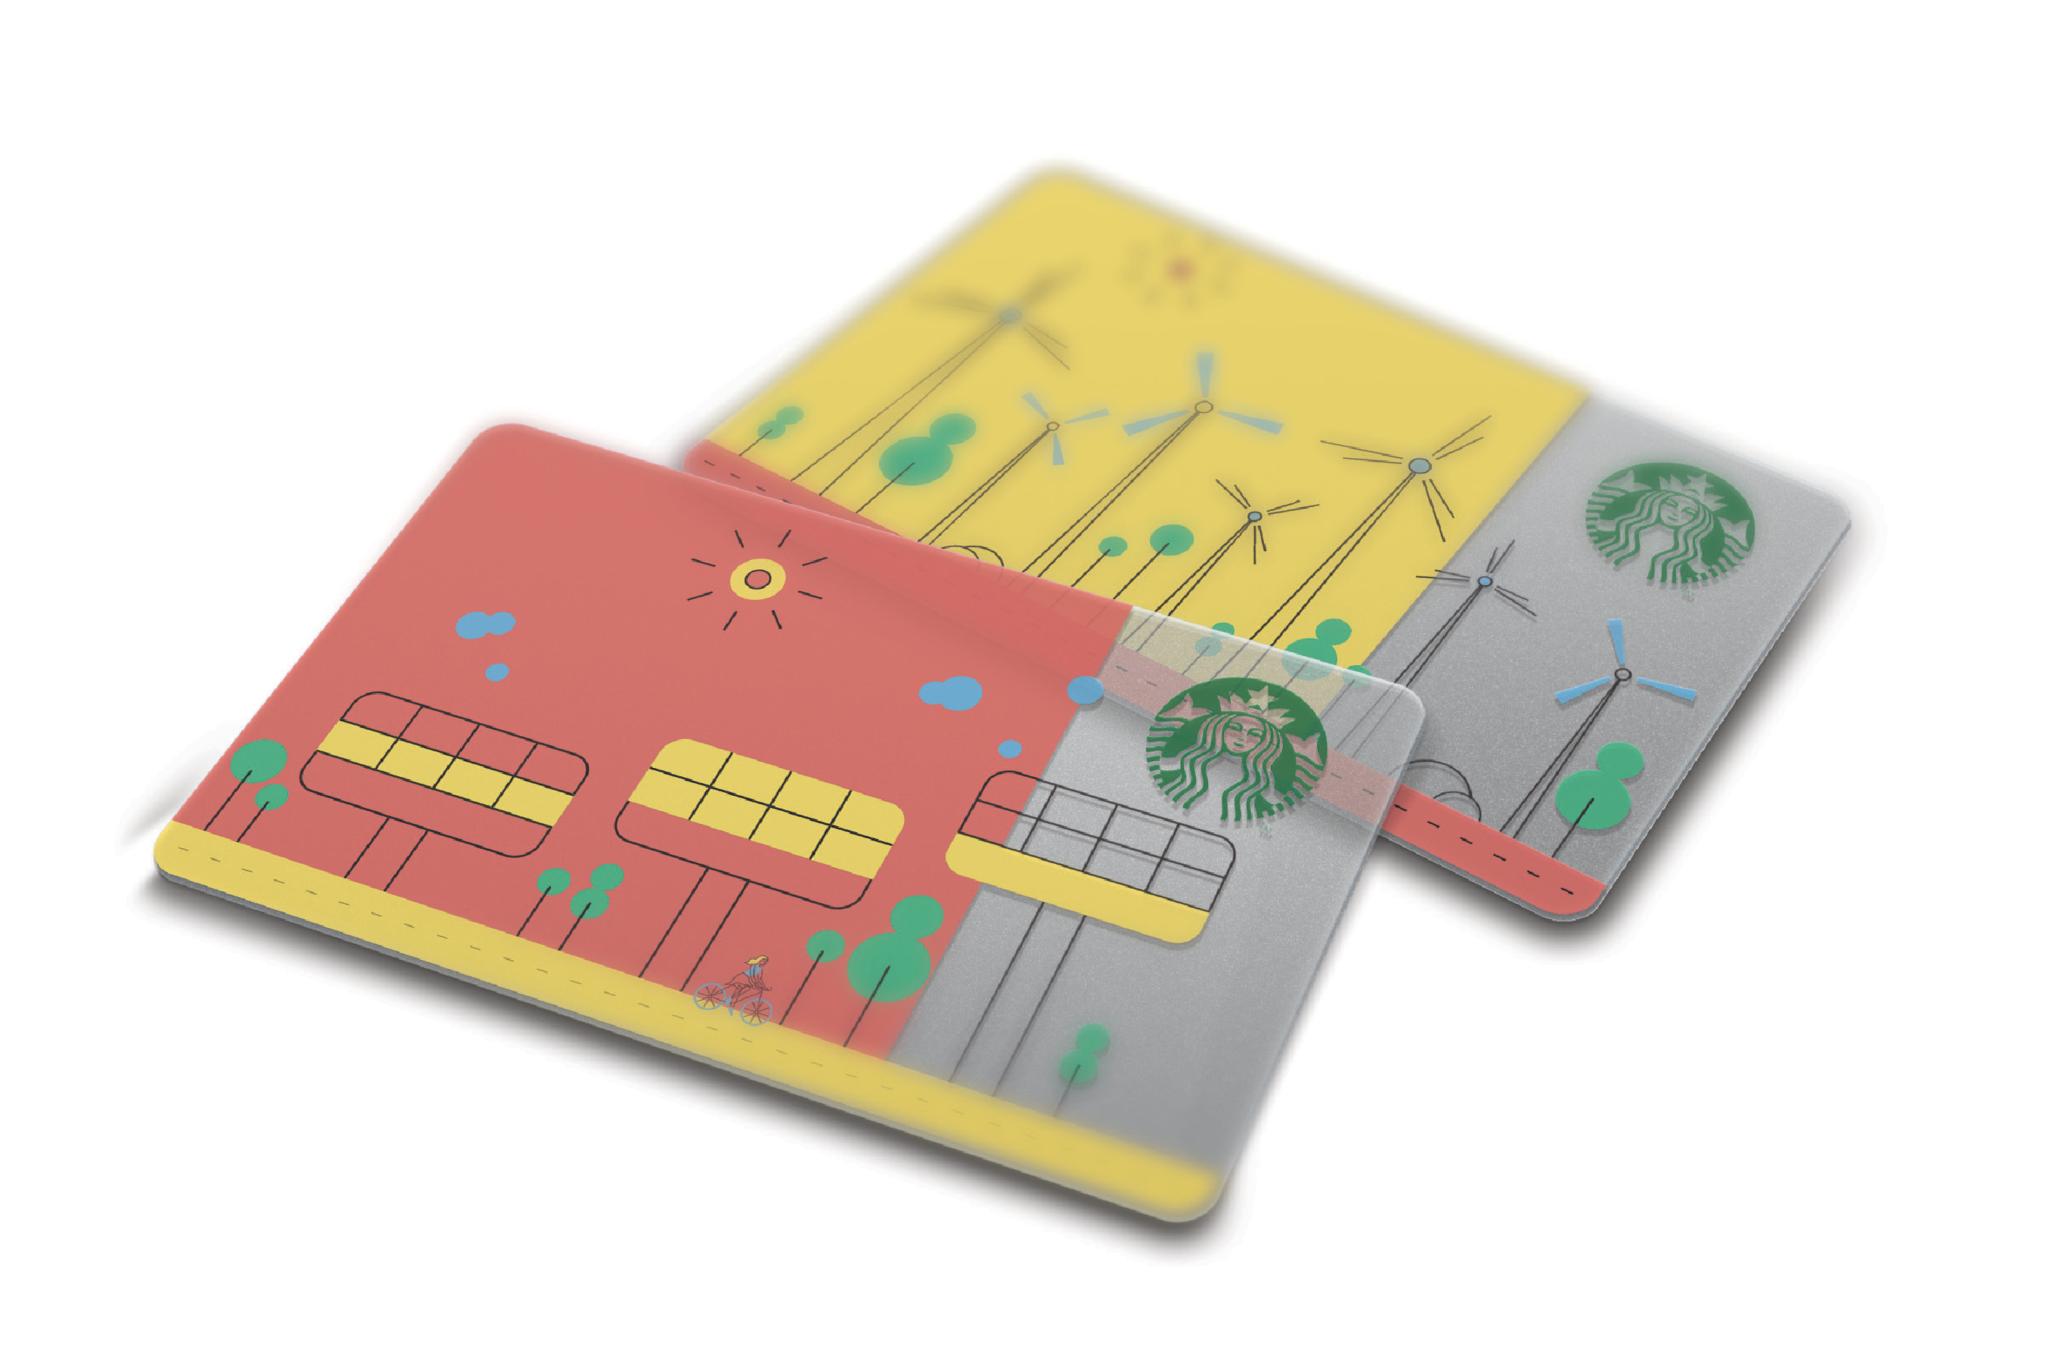 ER_Starbucks-2